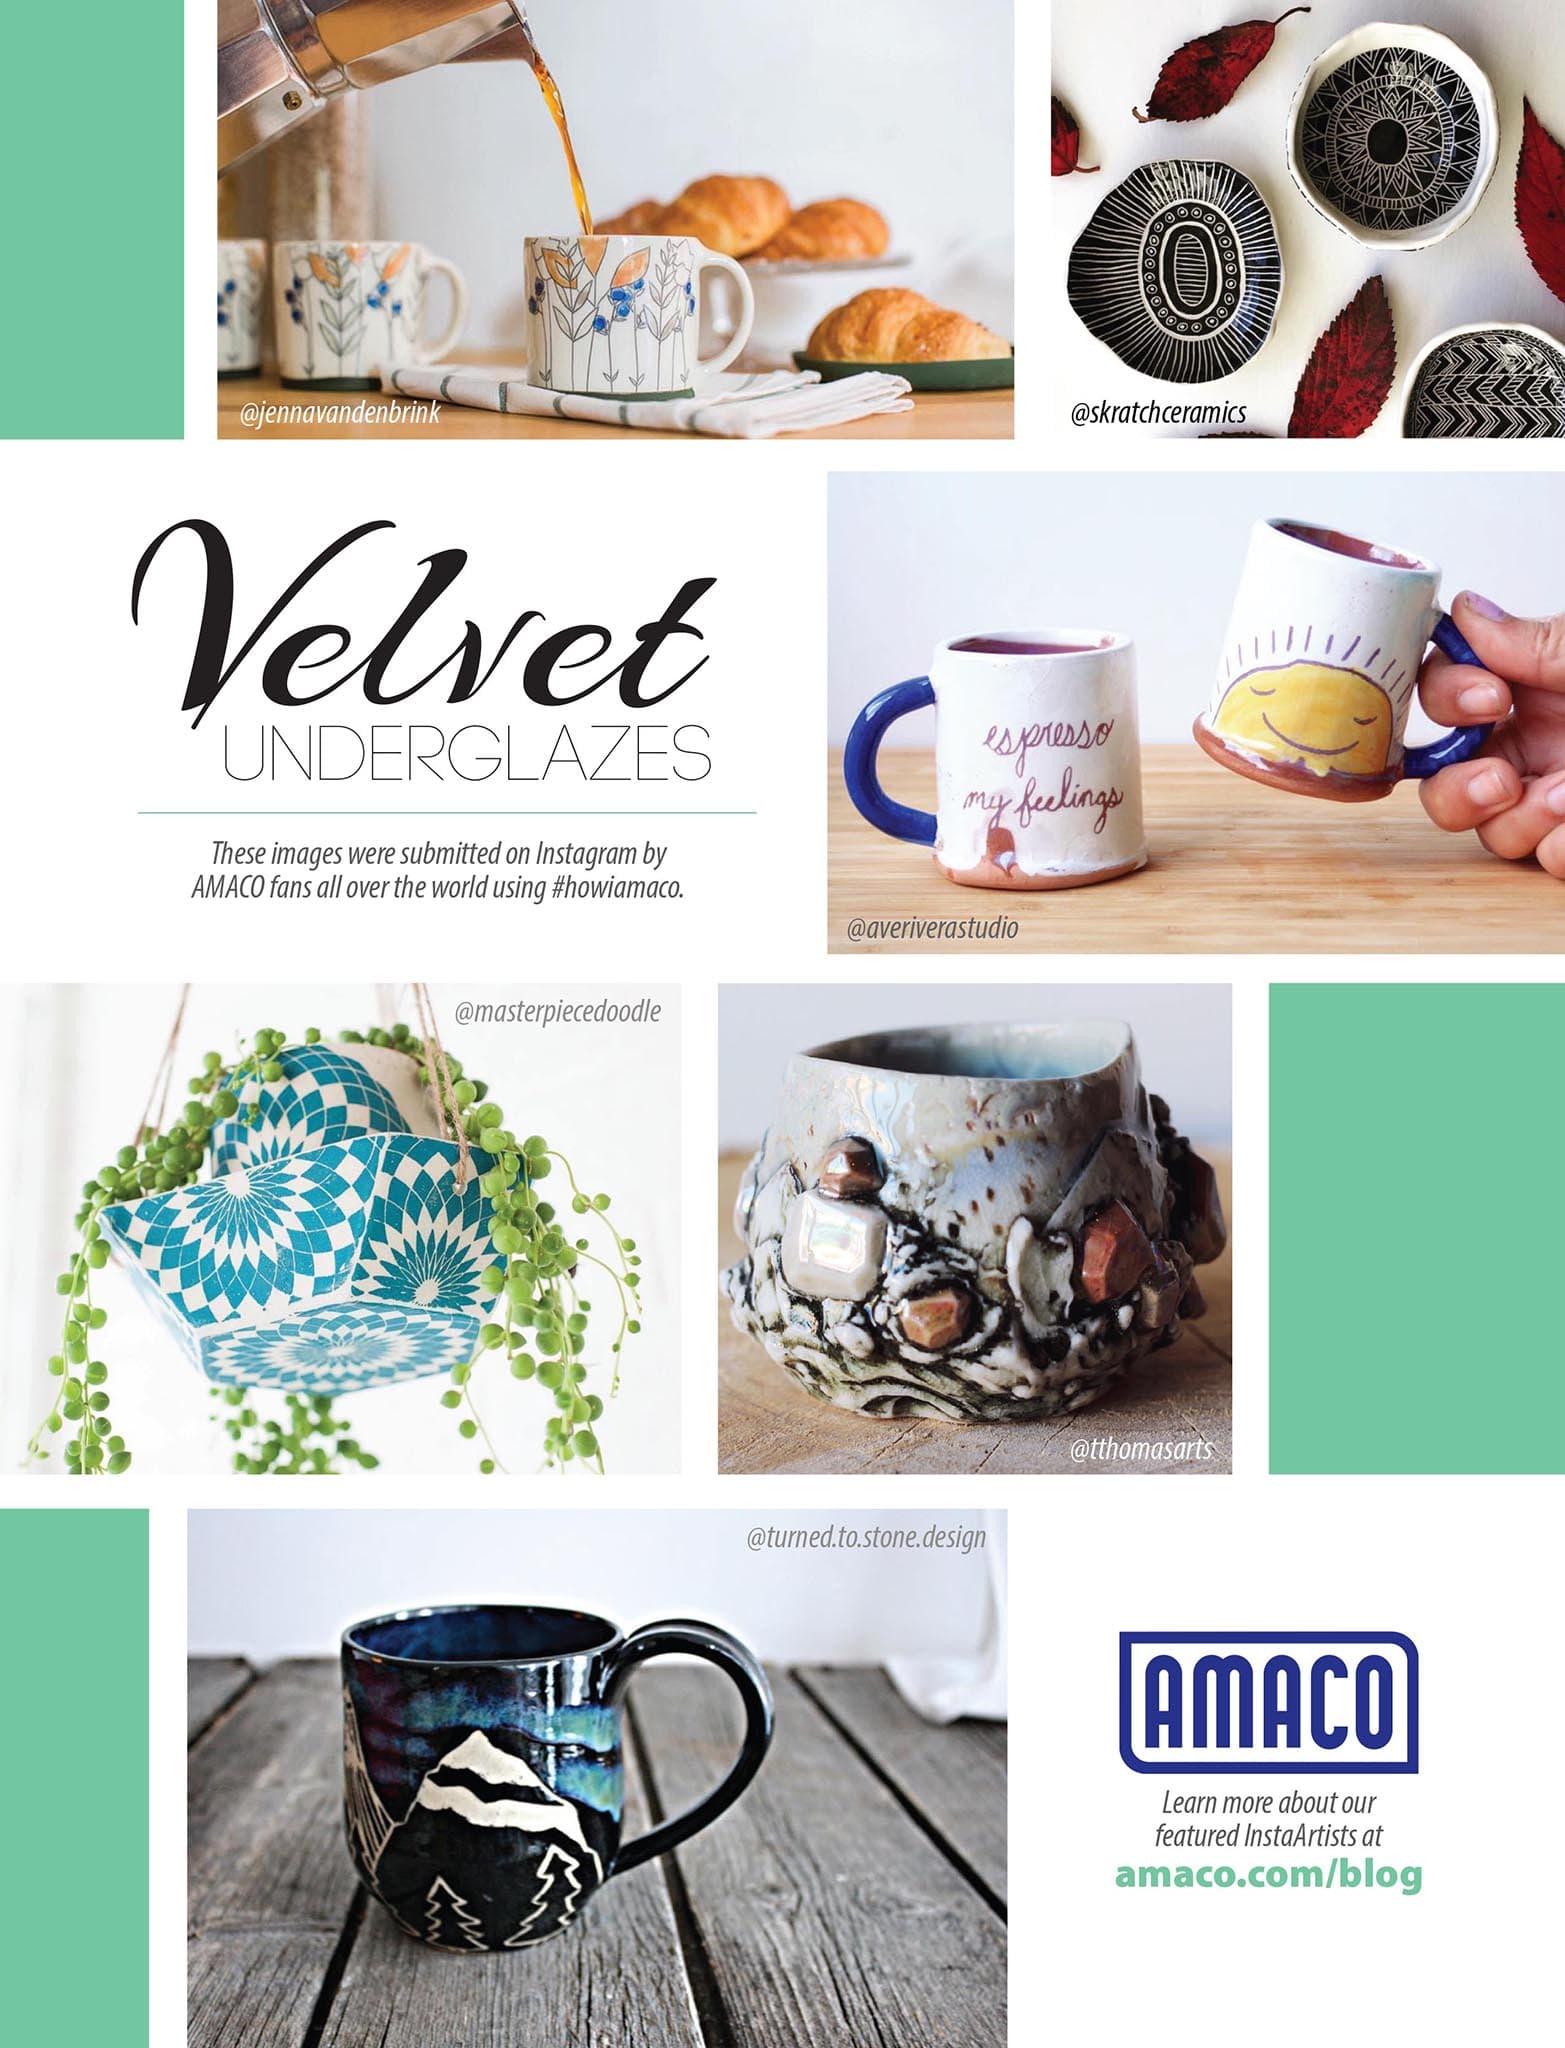 AMACO Velvet Underglazes